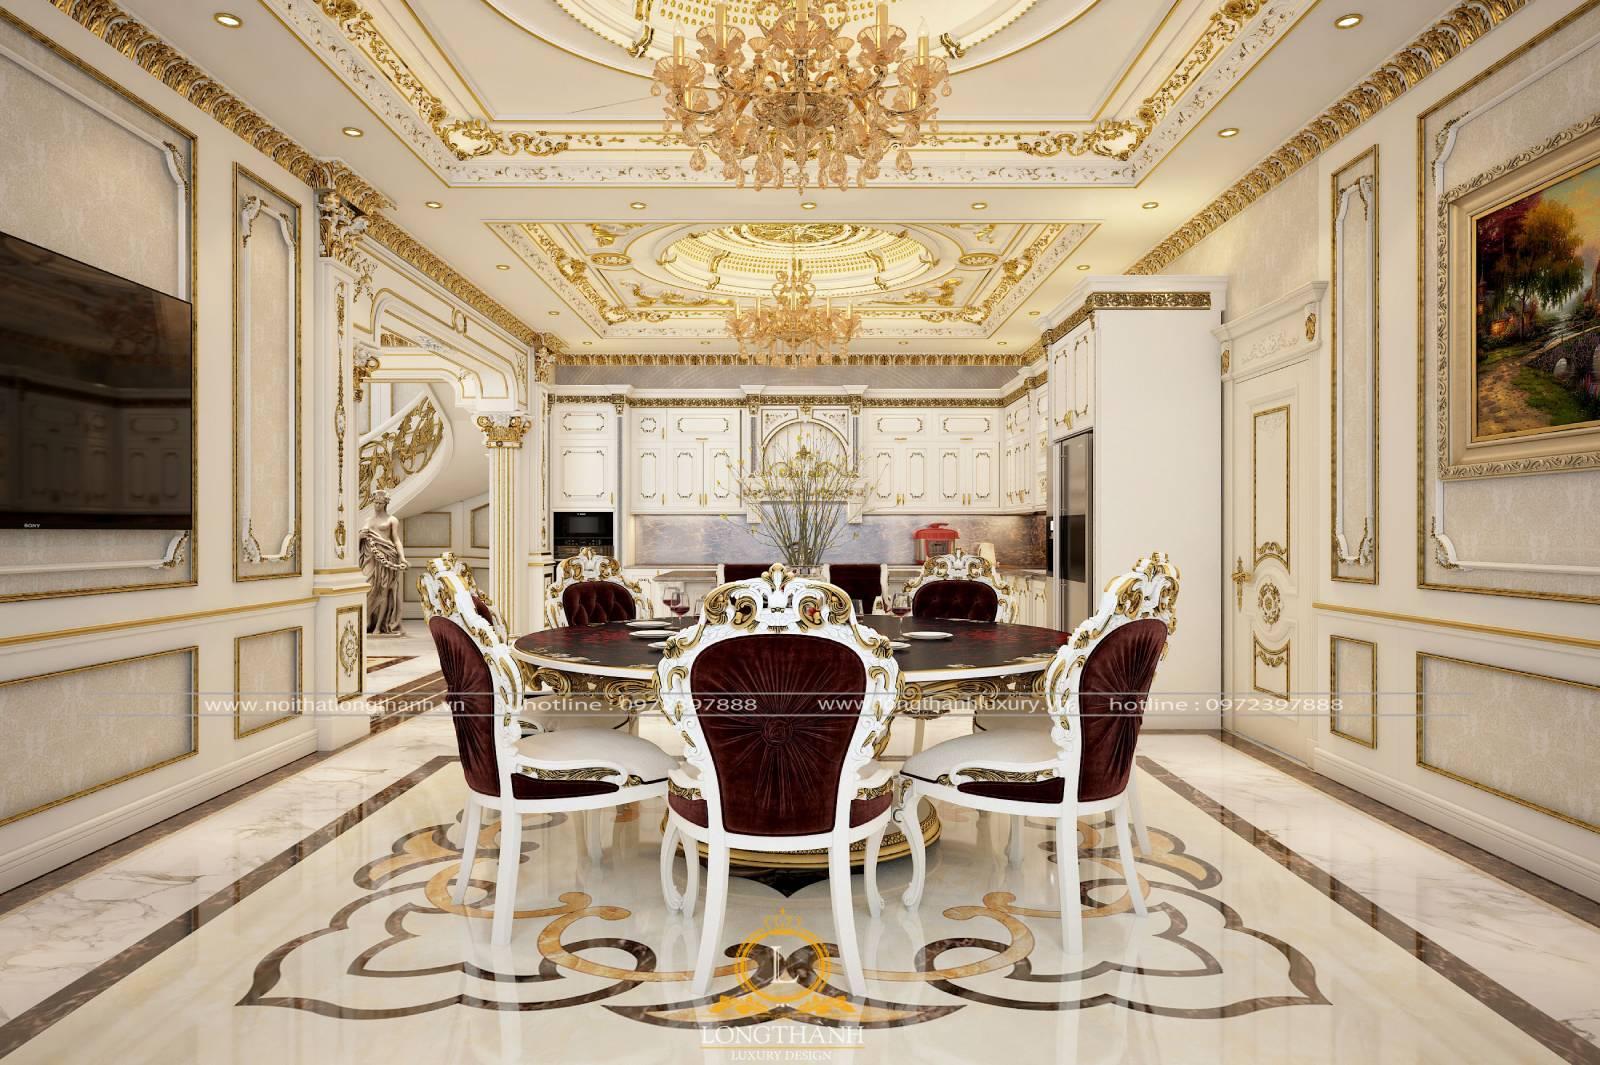 Mẫu bàn ăn dát vàng cho nhà biệt thự rộng